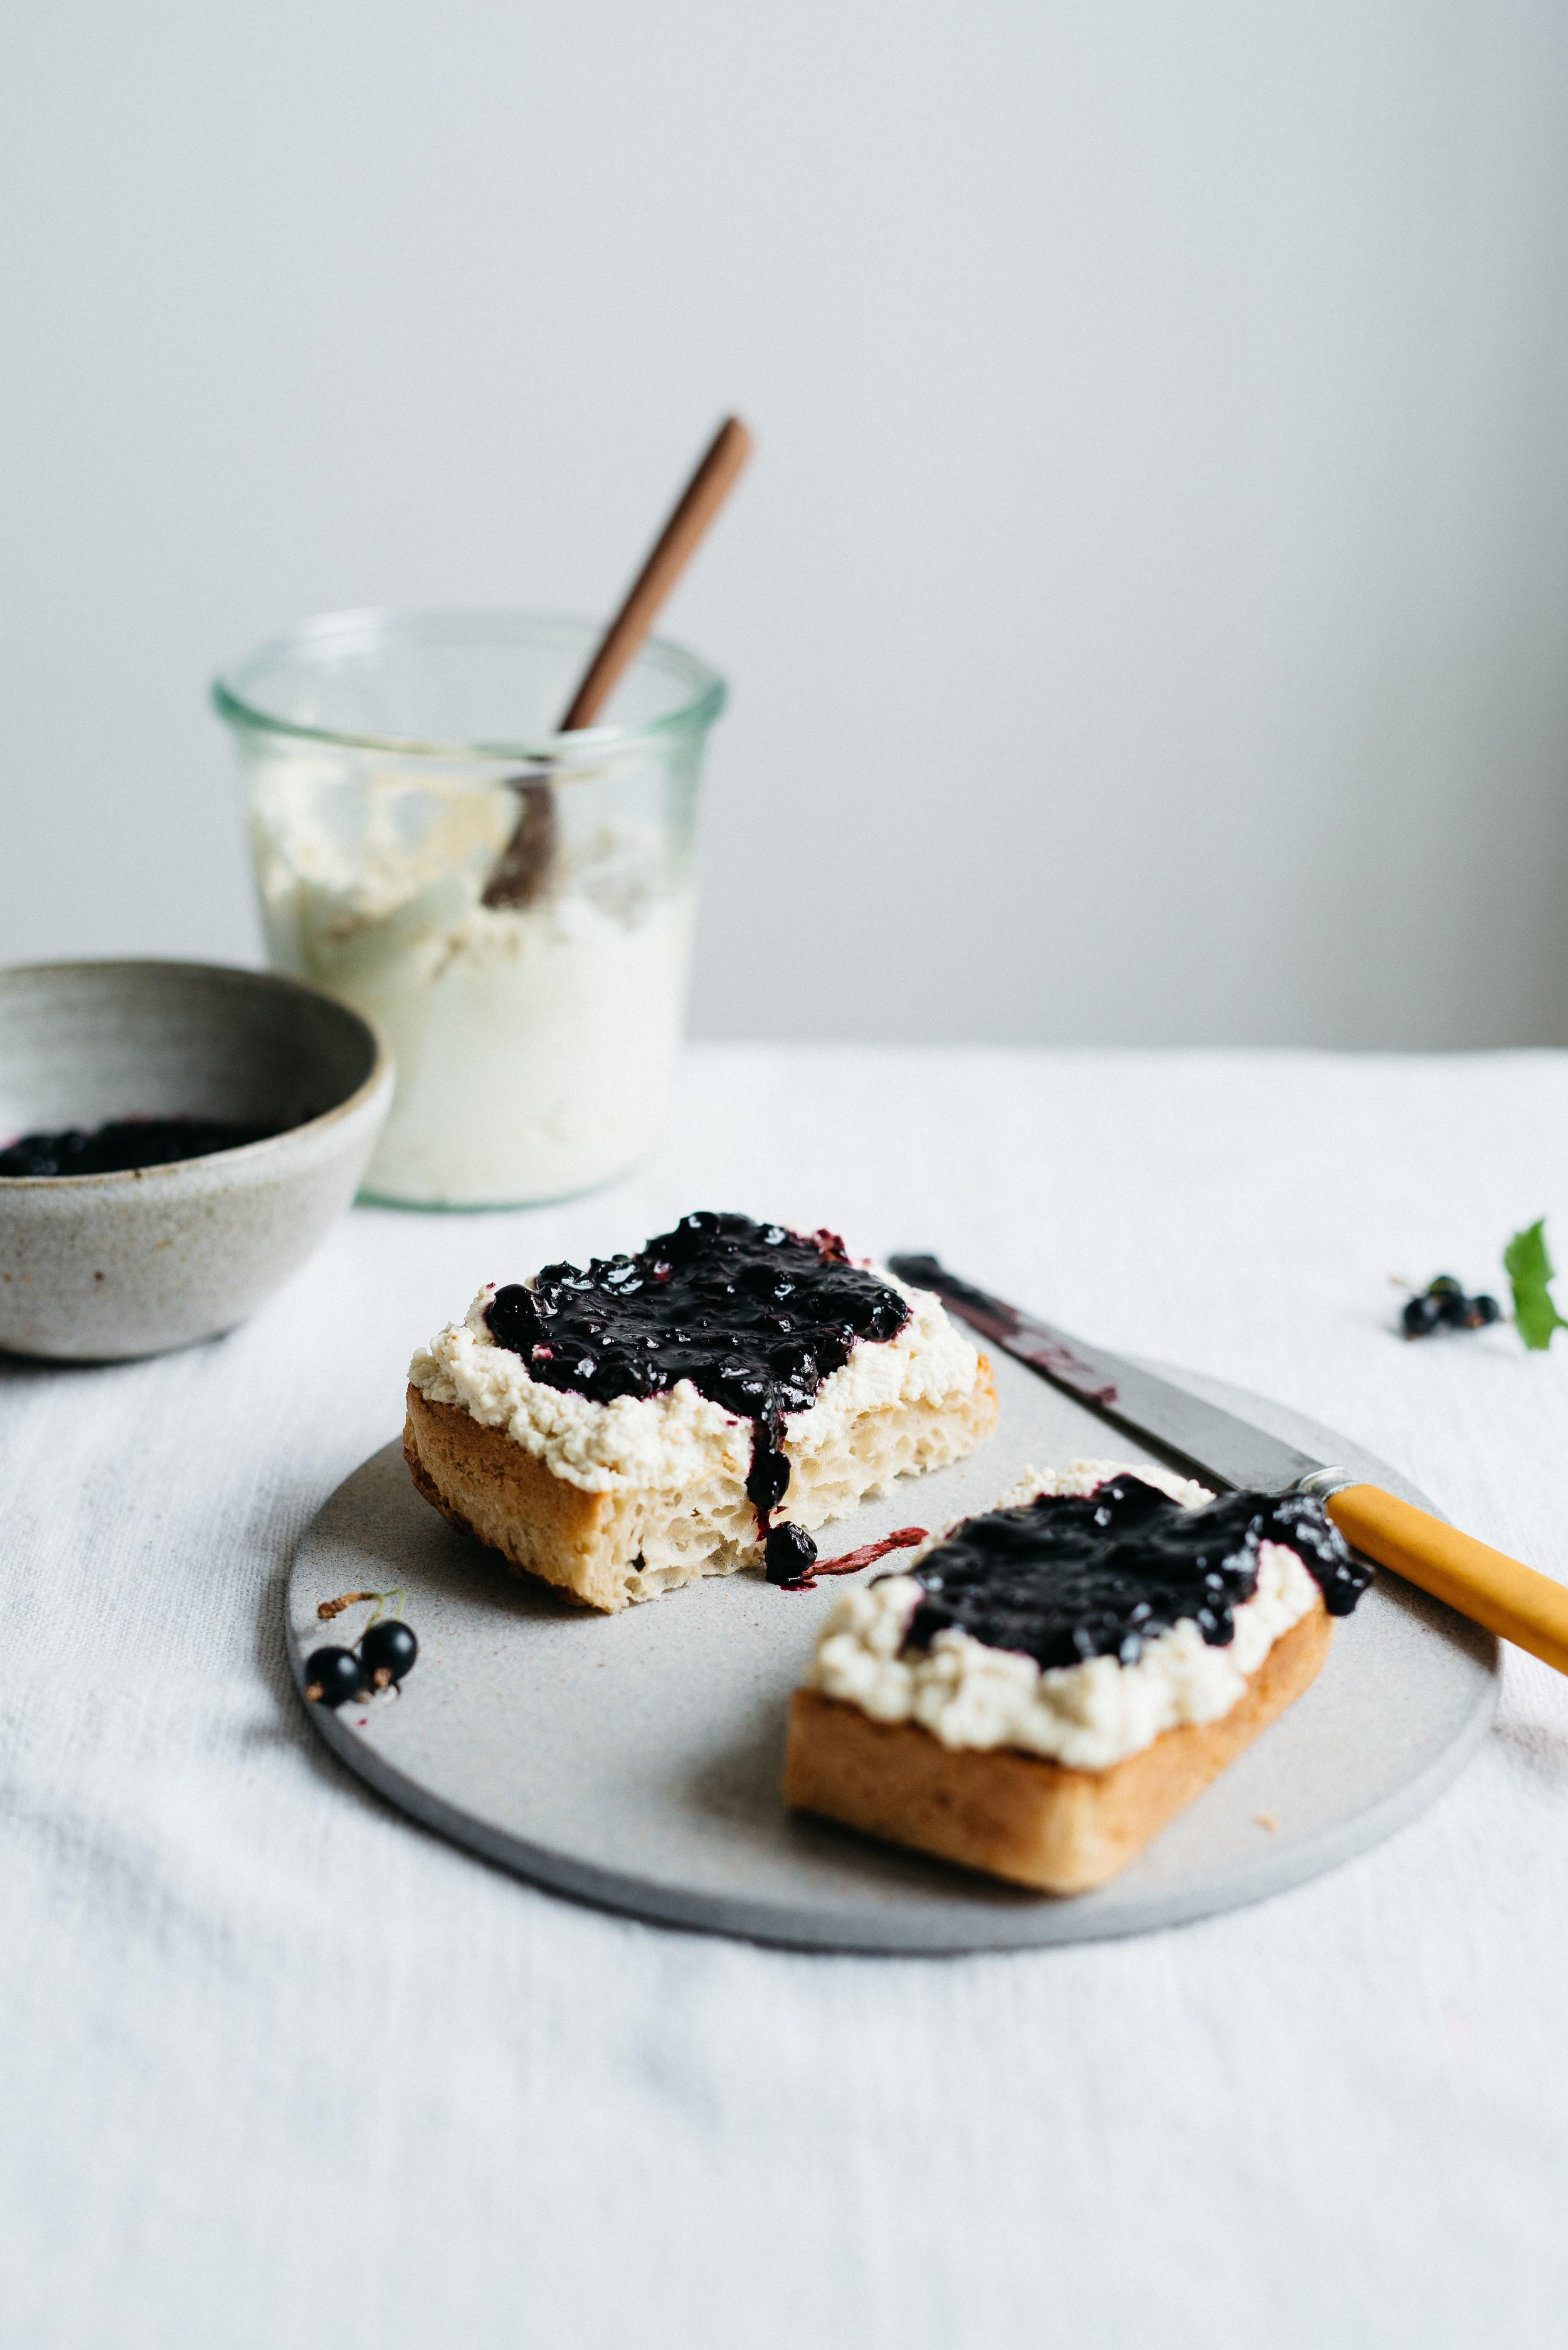 Summer Fridays!: Macadamia Ricotta & Black Currant Jam On Toast | V  | dolly and oatmeal